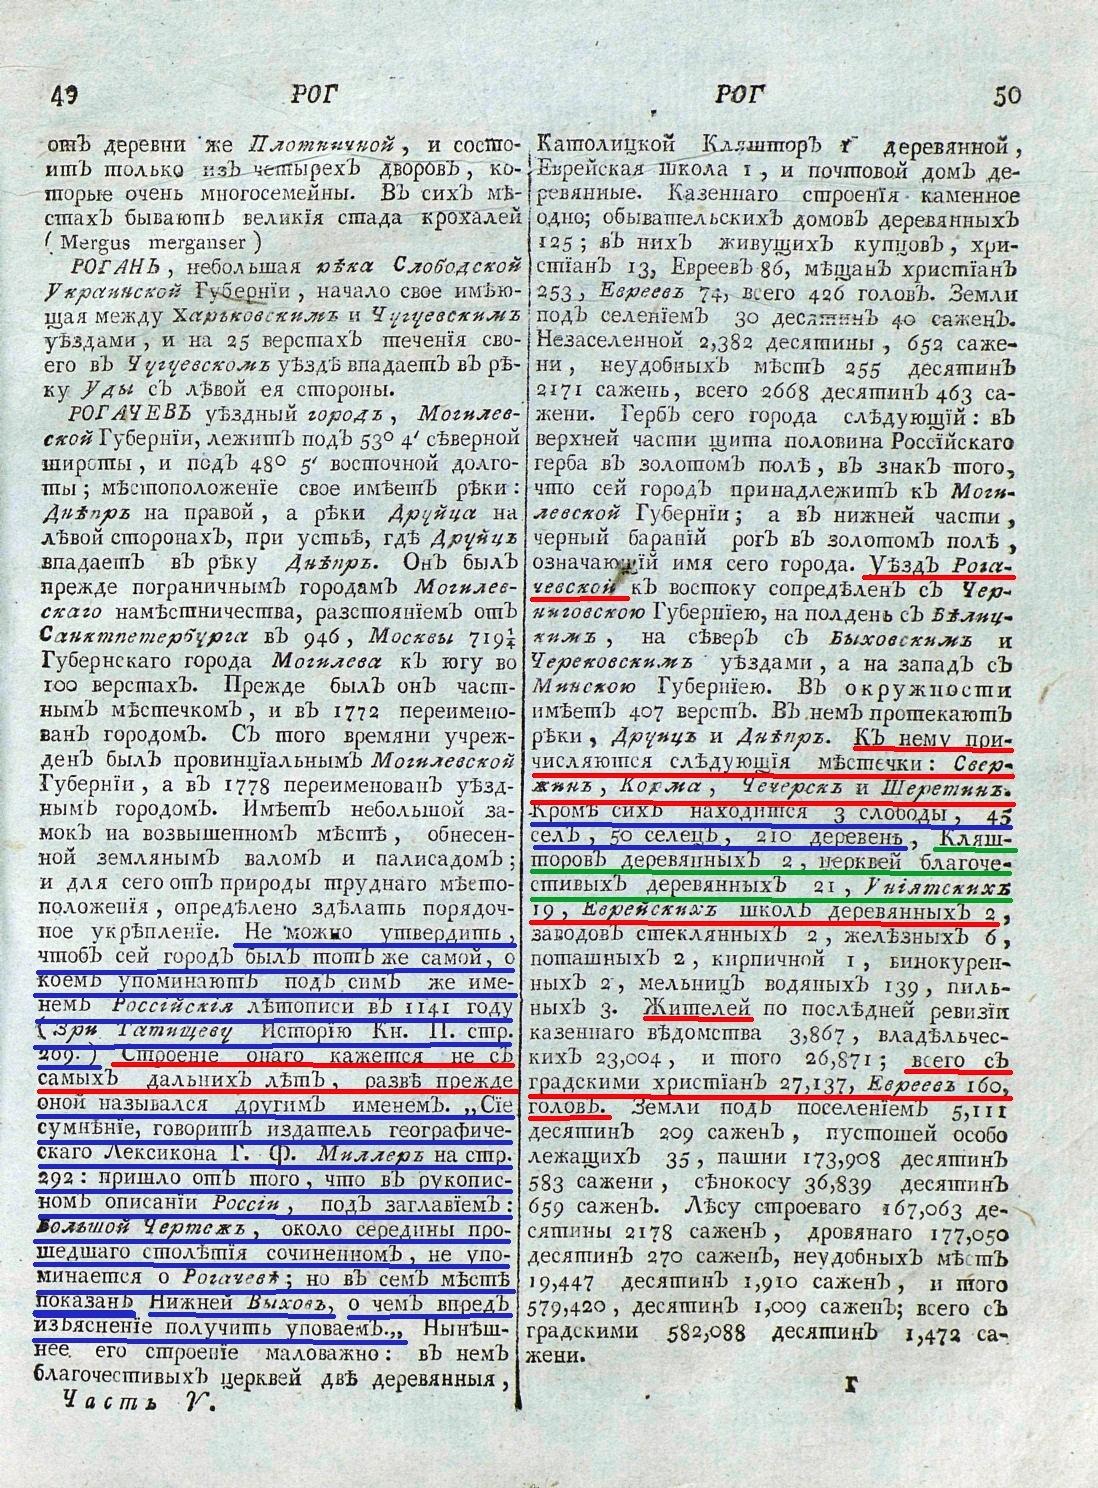 Рогачев Гомельский